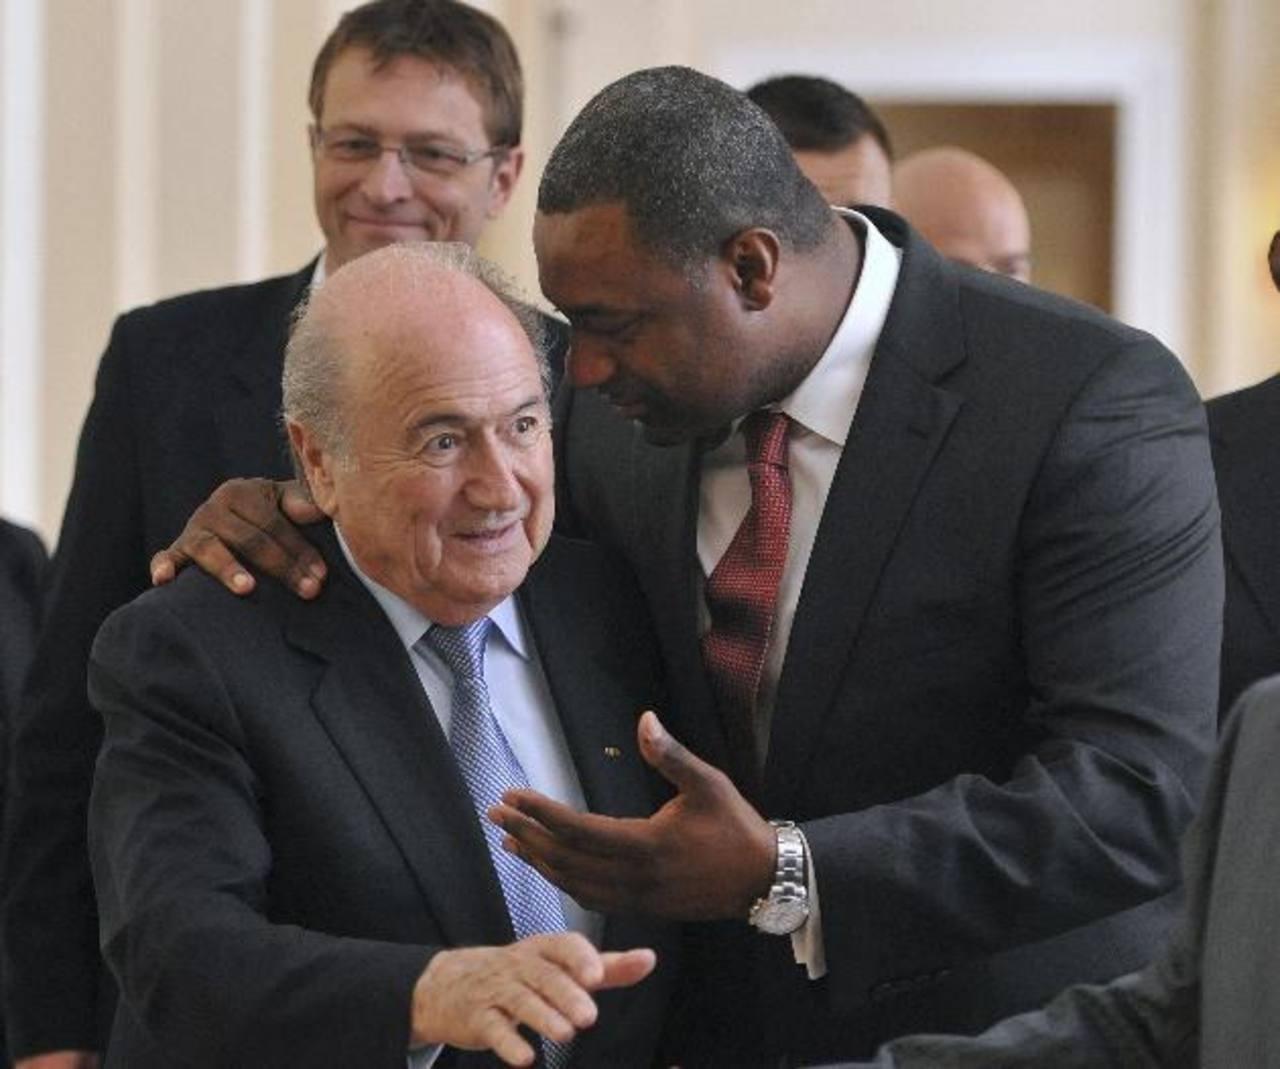 Caso de sobornos en la FIFA golpea al fútbol latinoamericano